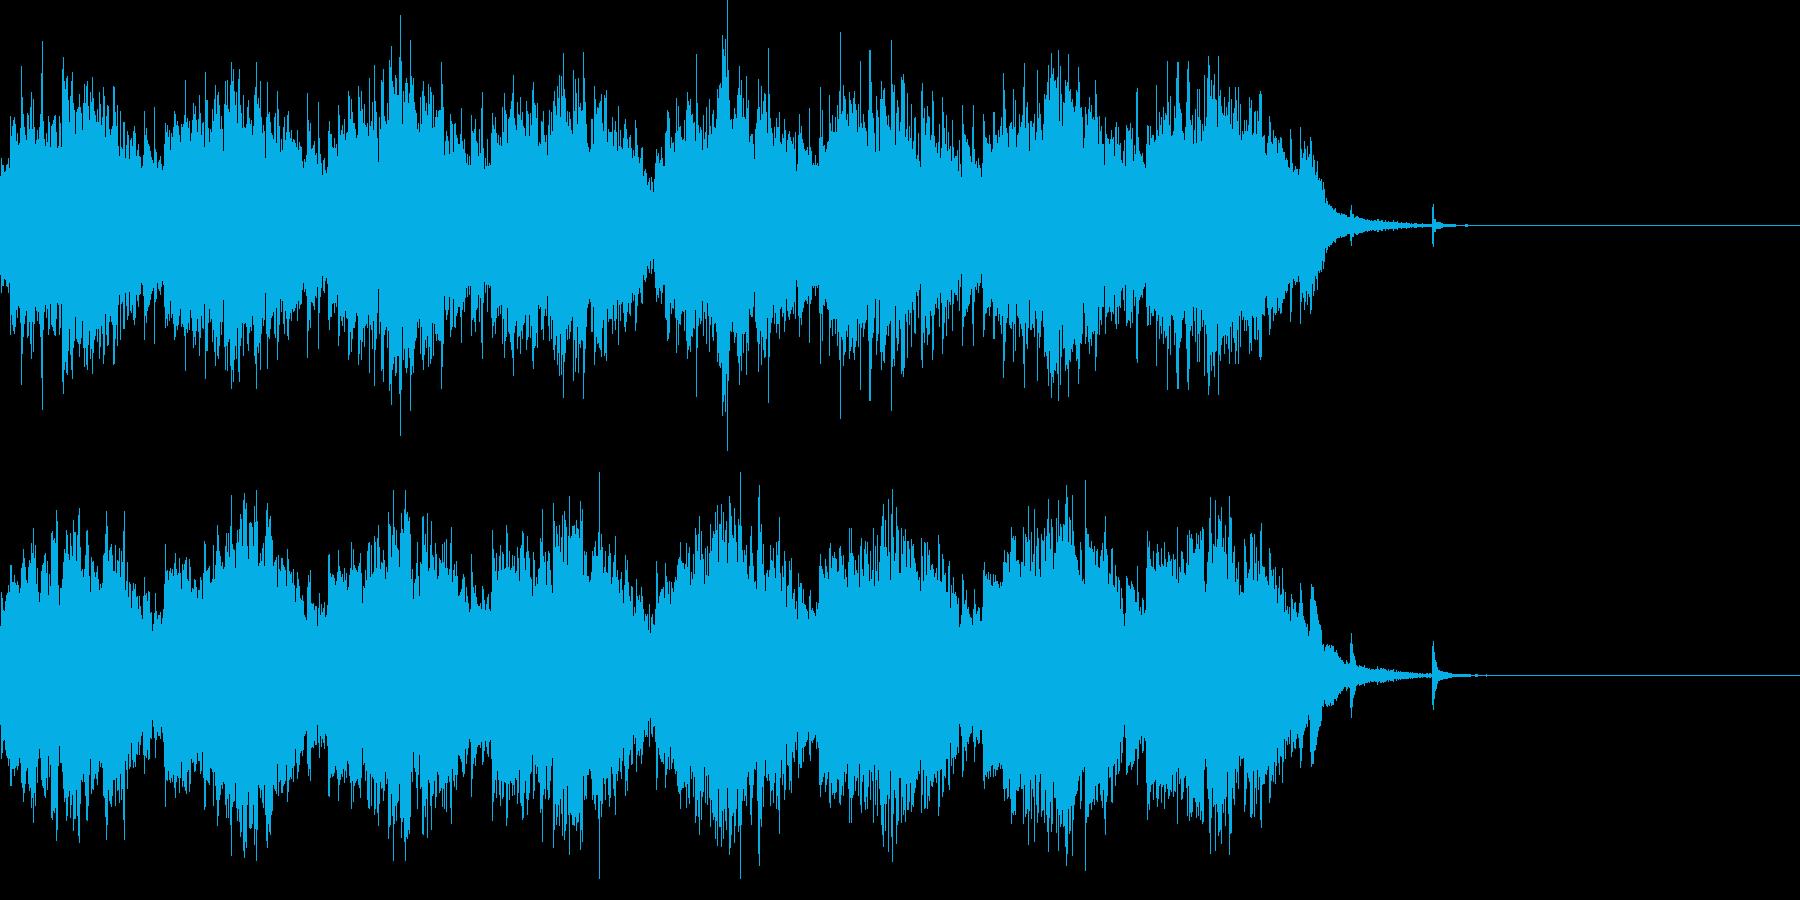 ファンタジー系オープニング等の再生済みの波形